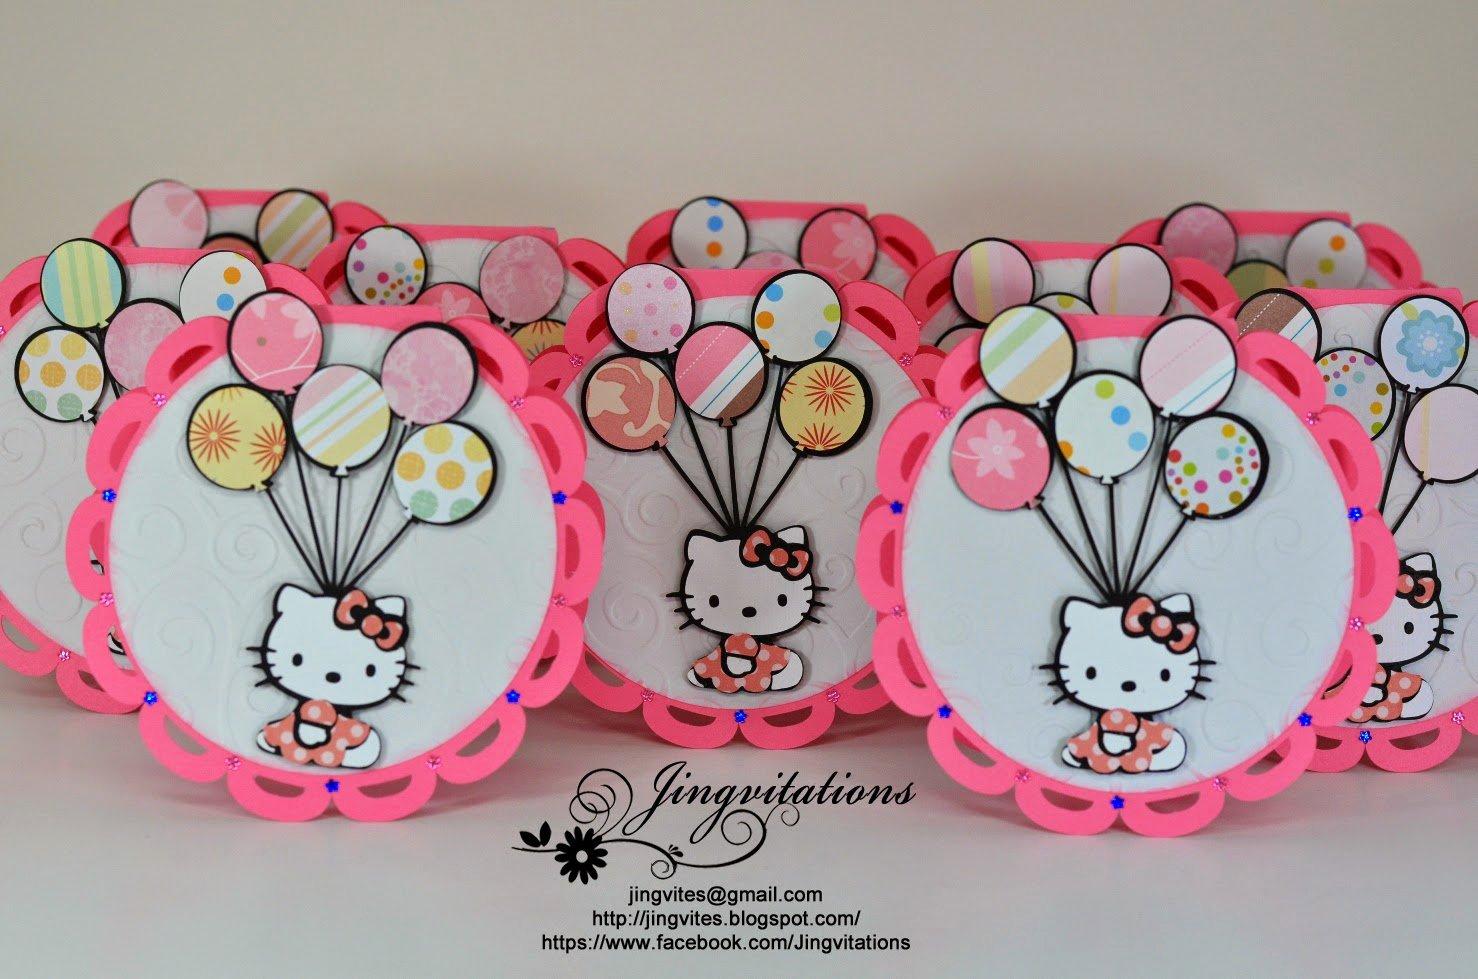 Hello Kitty Birthday Invitations Luxury Jingvitations Hello Kitty Birthday Party Invitations